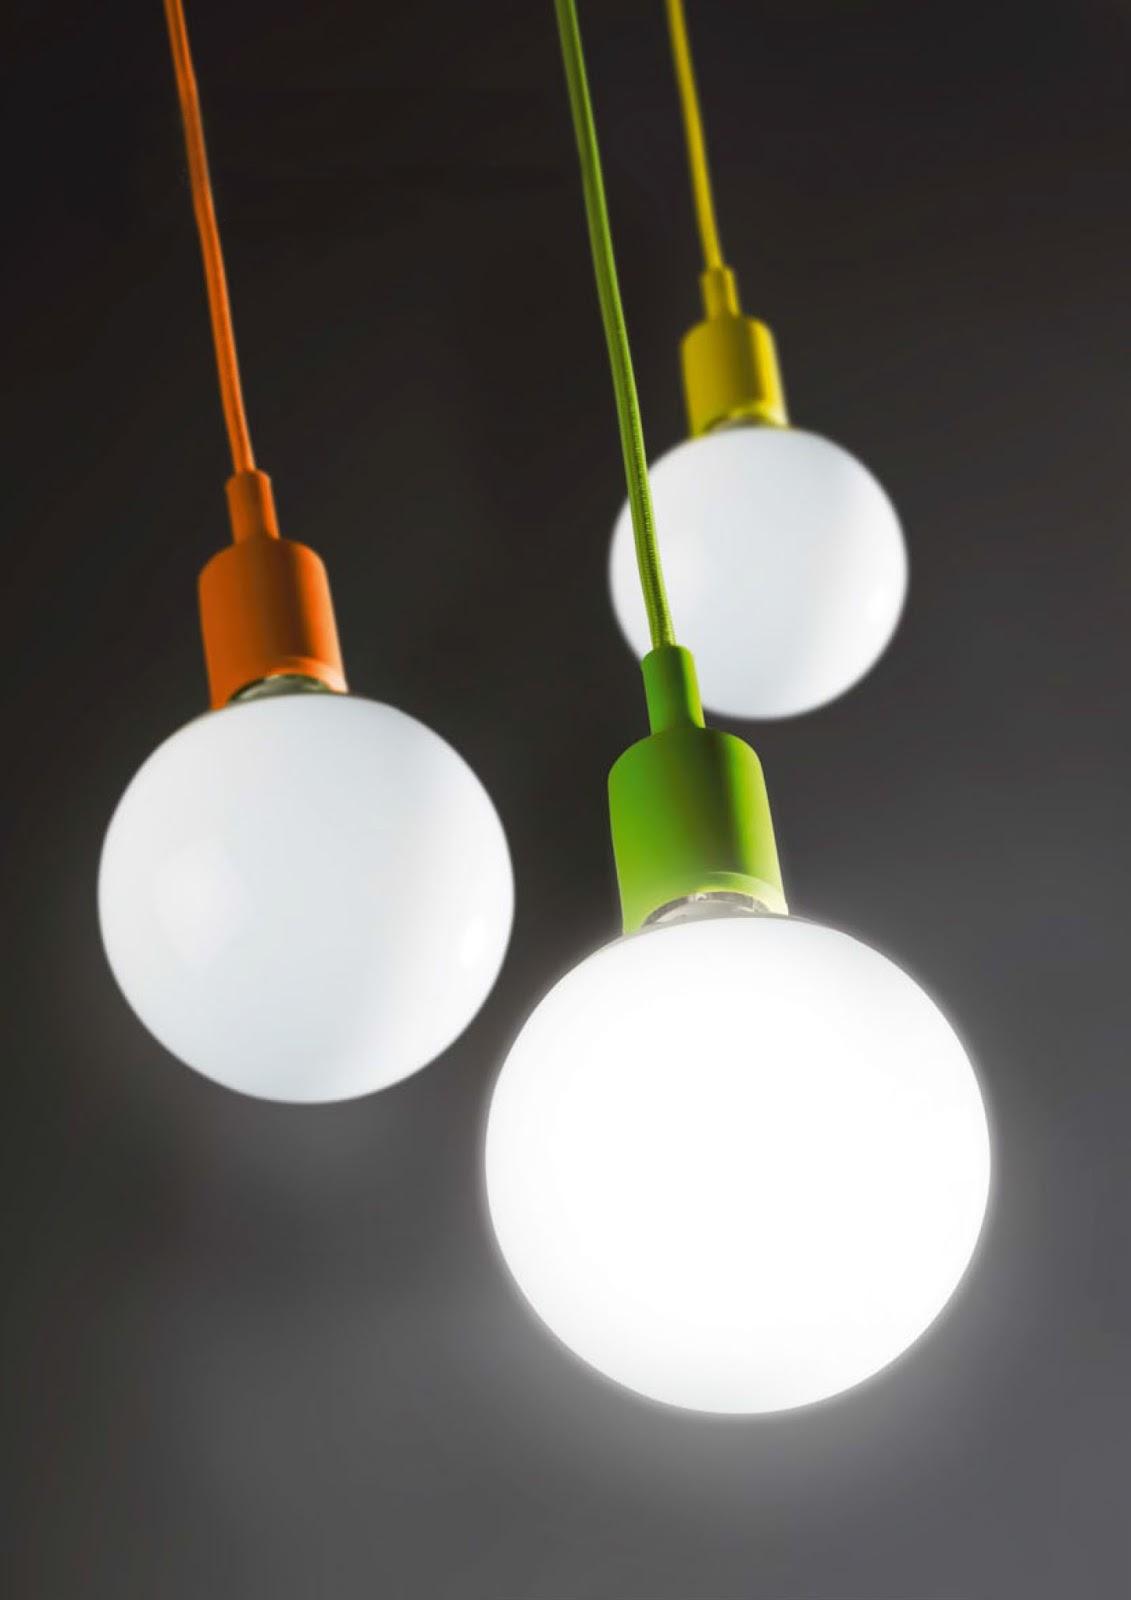 Usi e funzioni della lampade a led  TotalDesignTotalDesign